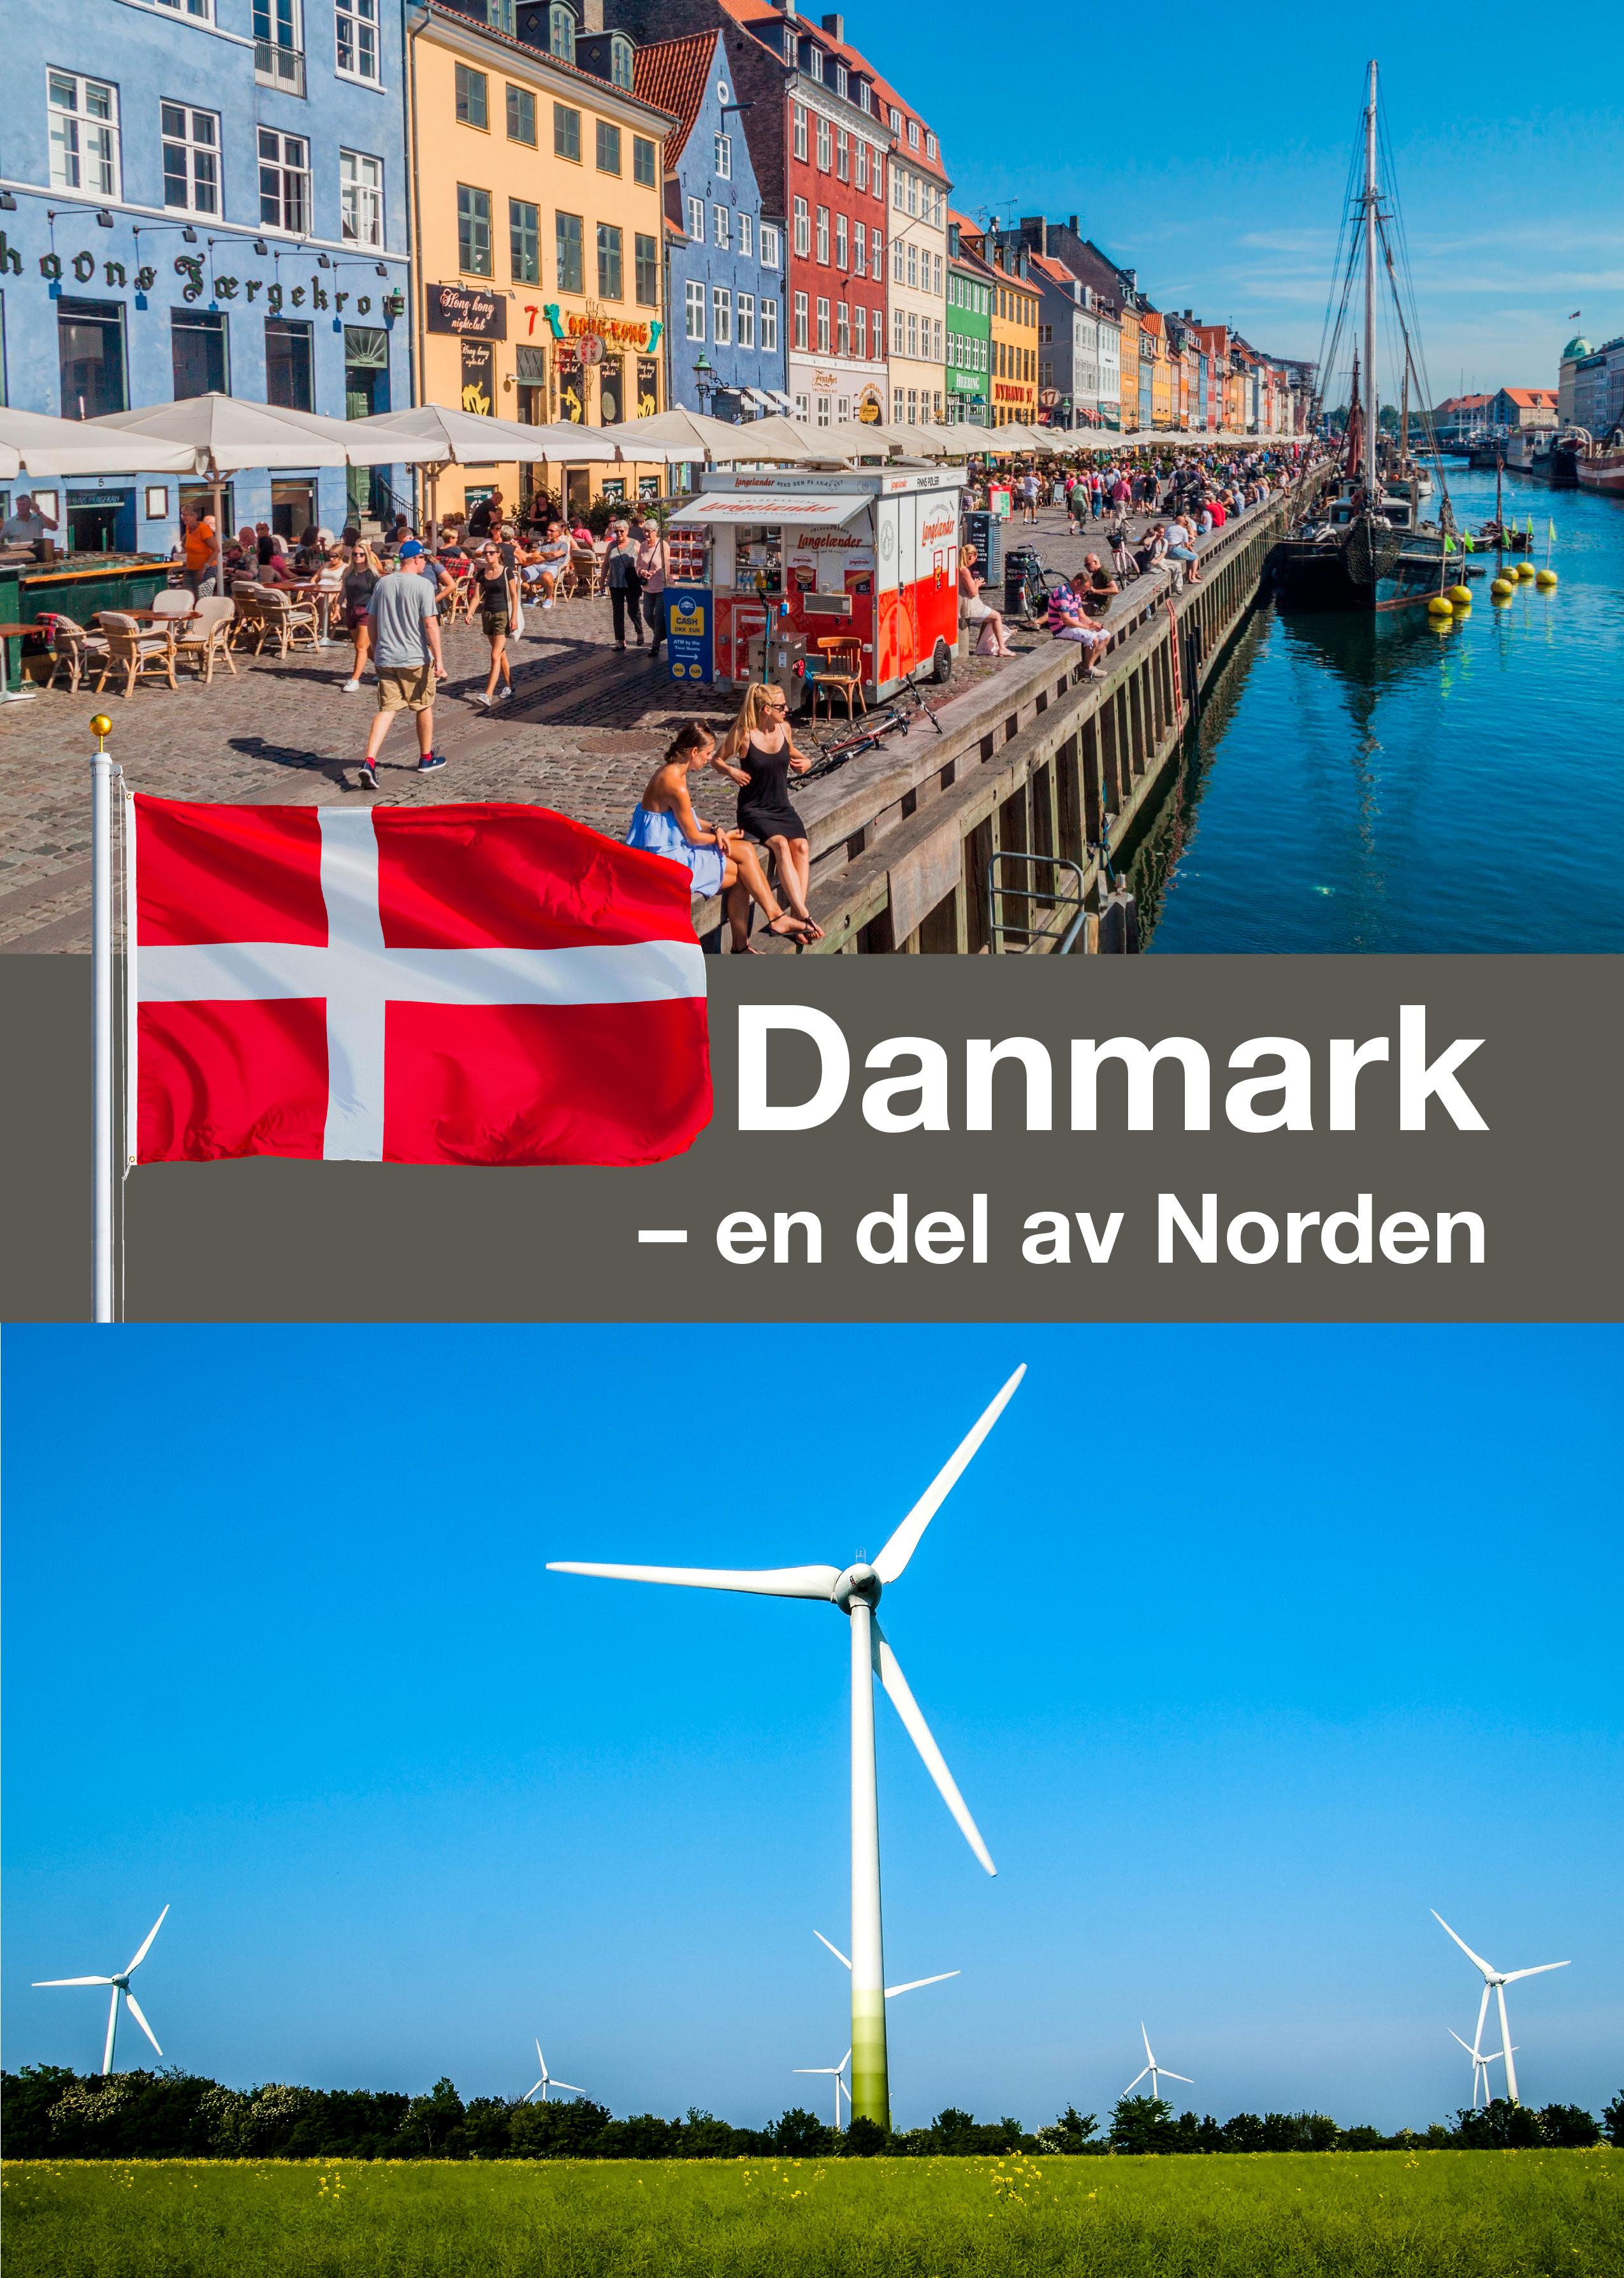 Kollage med en befolkad gågata i en dansk stad och ett vindkraftverk på en äng.